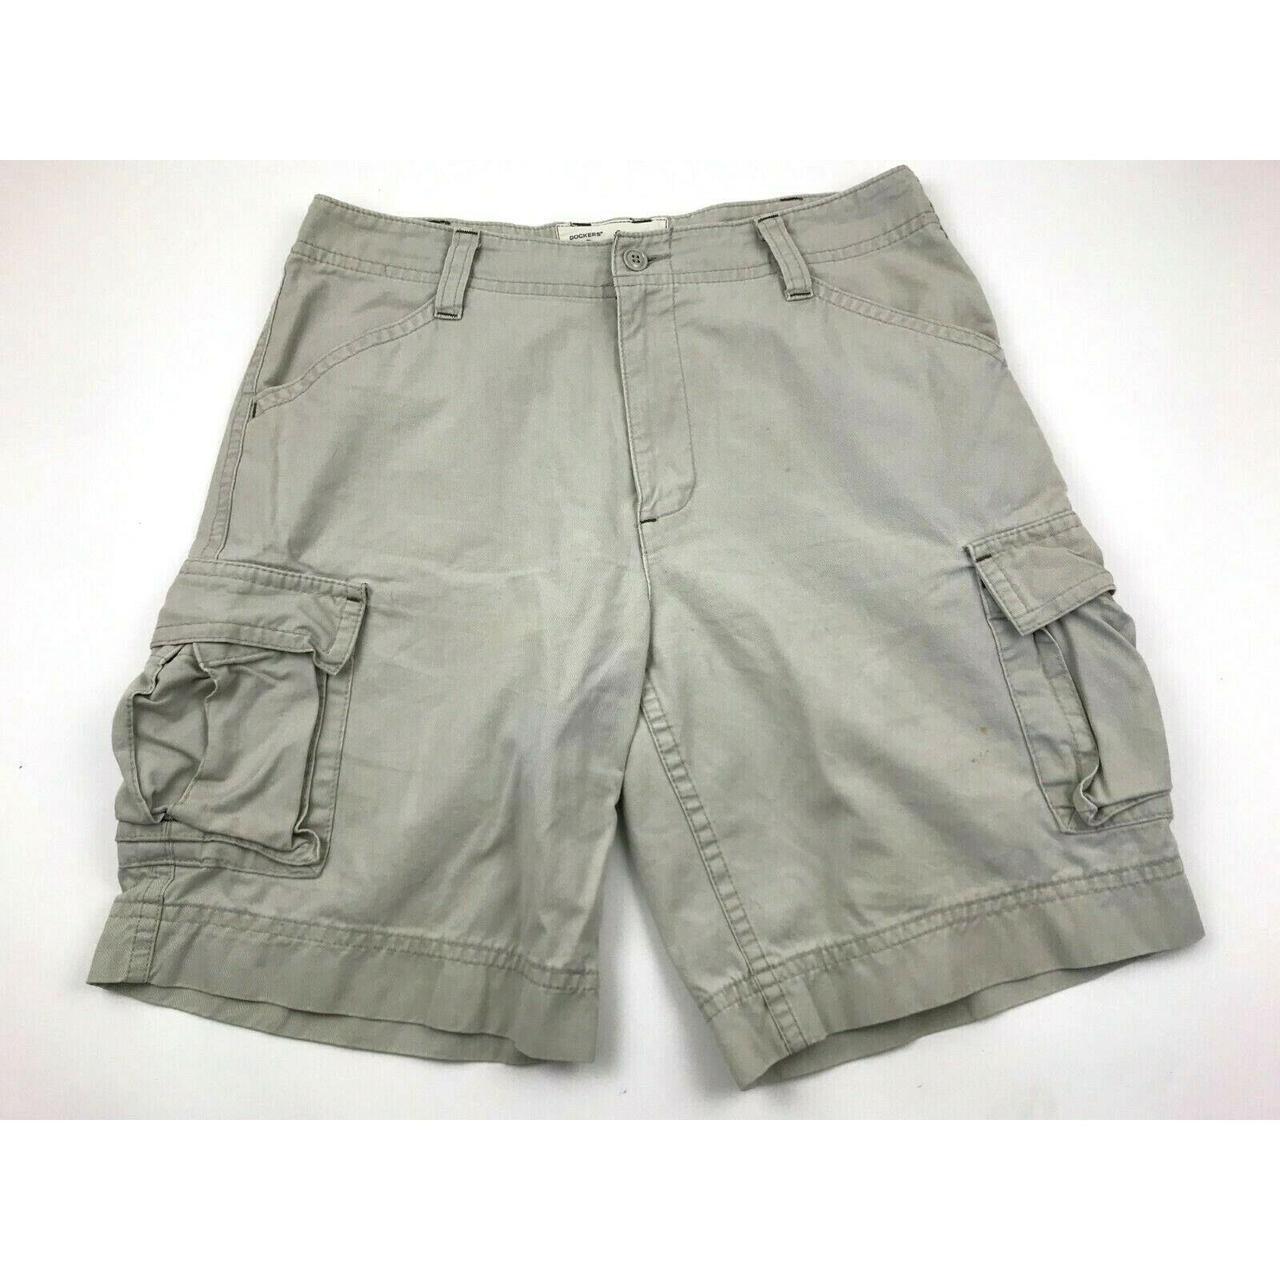 Product Image 1 - Dockers Cargo Shorts Size 36